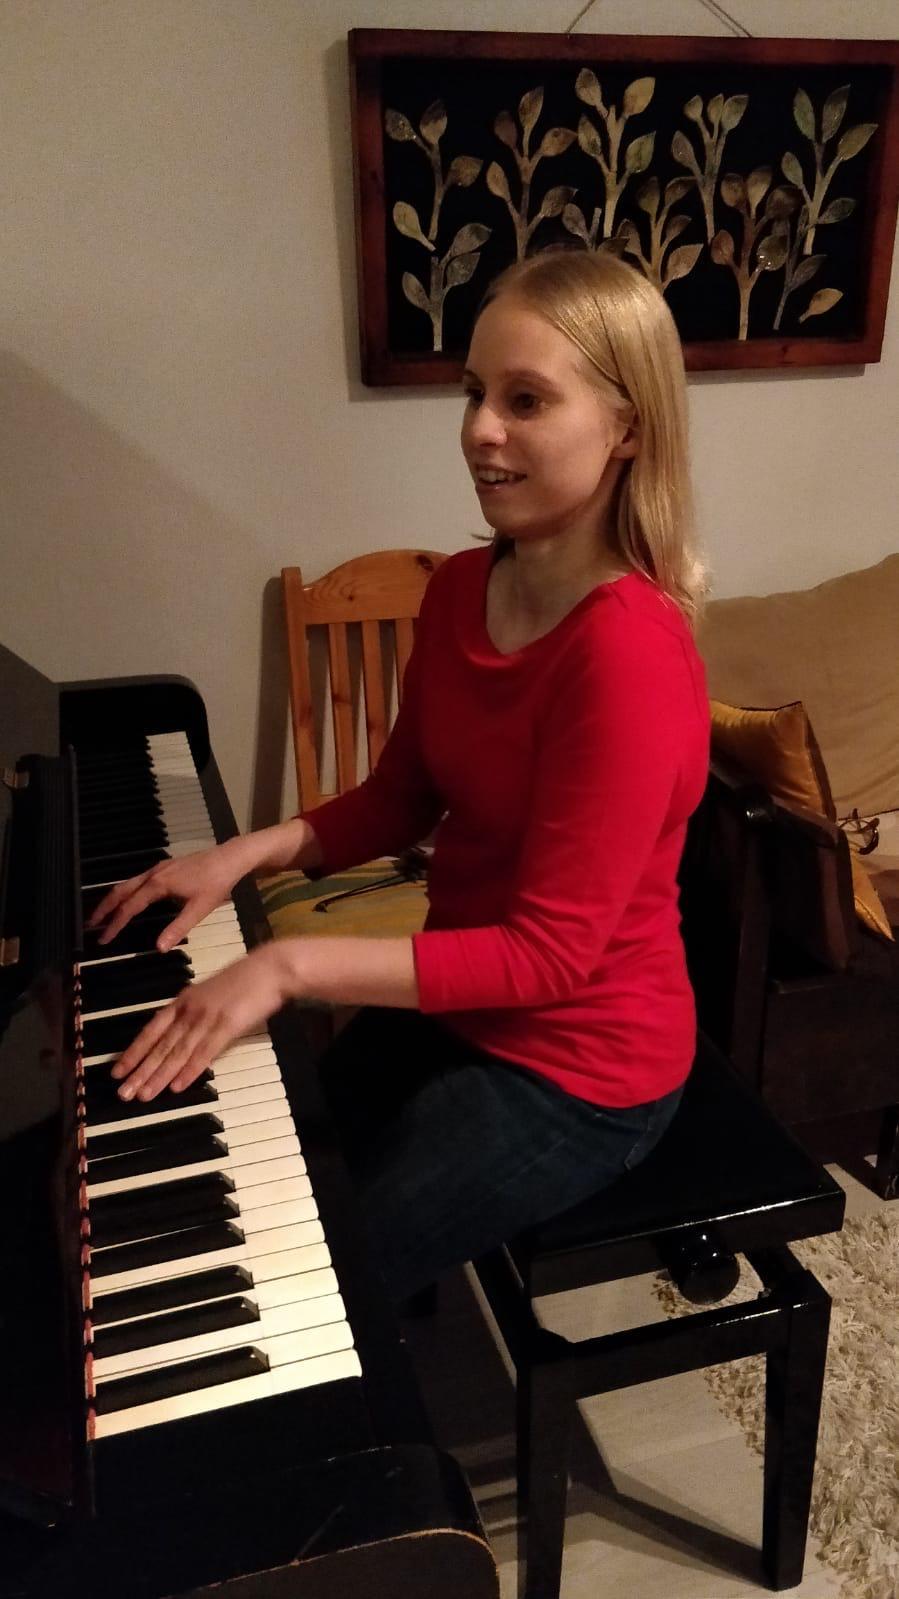 Minja soittaa pianoa ja hymyilee.